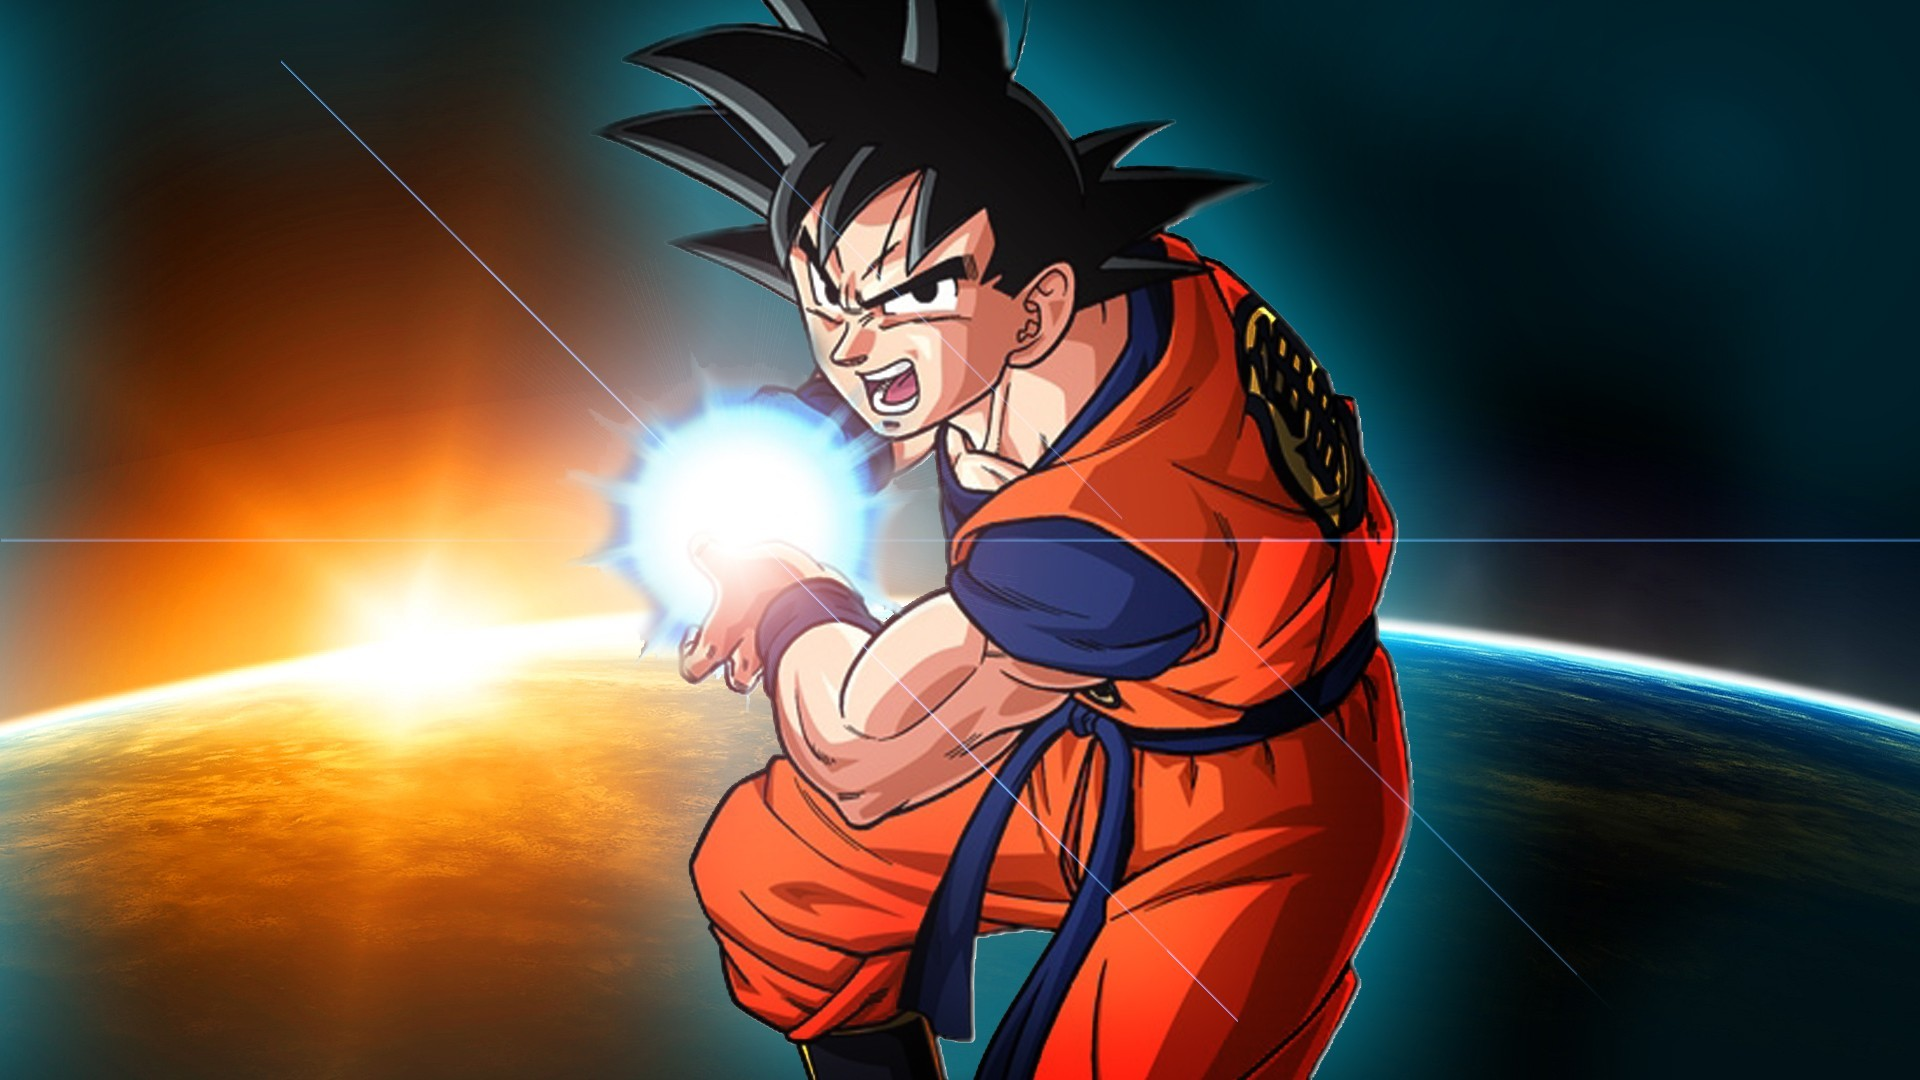 Dragon Ball Z Goku Wallpaper Download jpb